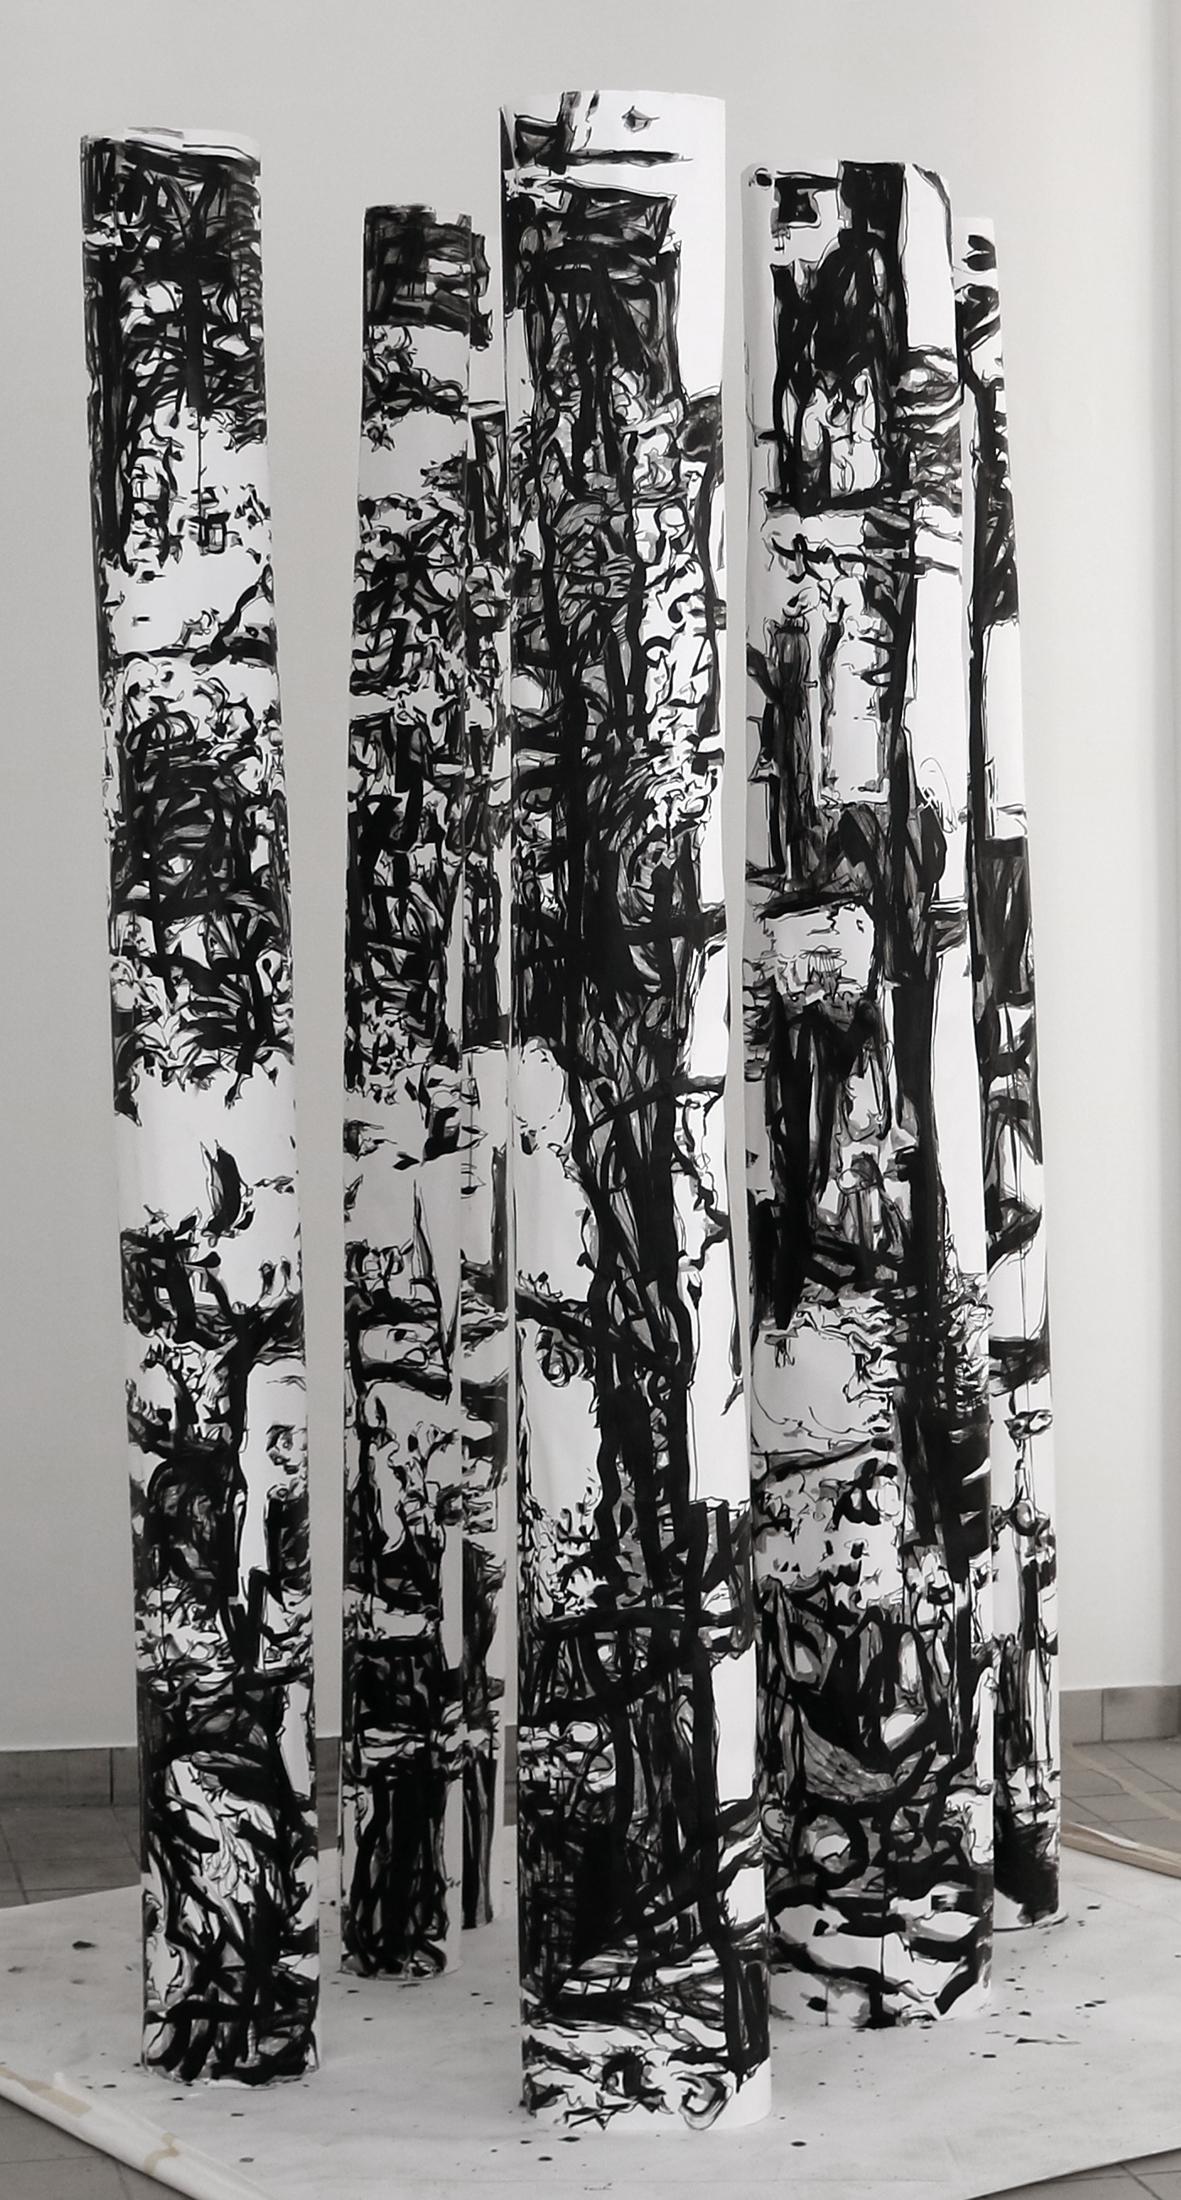 SABINE BANOVIC, Point of Vanishing, 2016, Installation, Mischtechnik auf Papierrollen, variable Größe